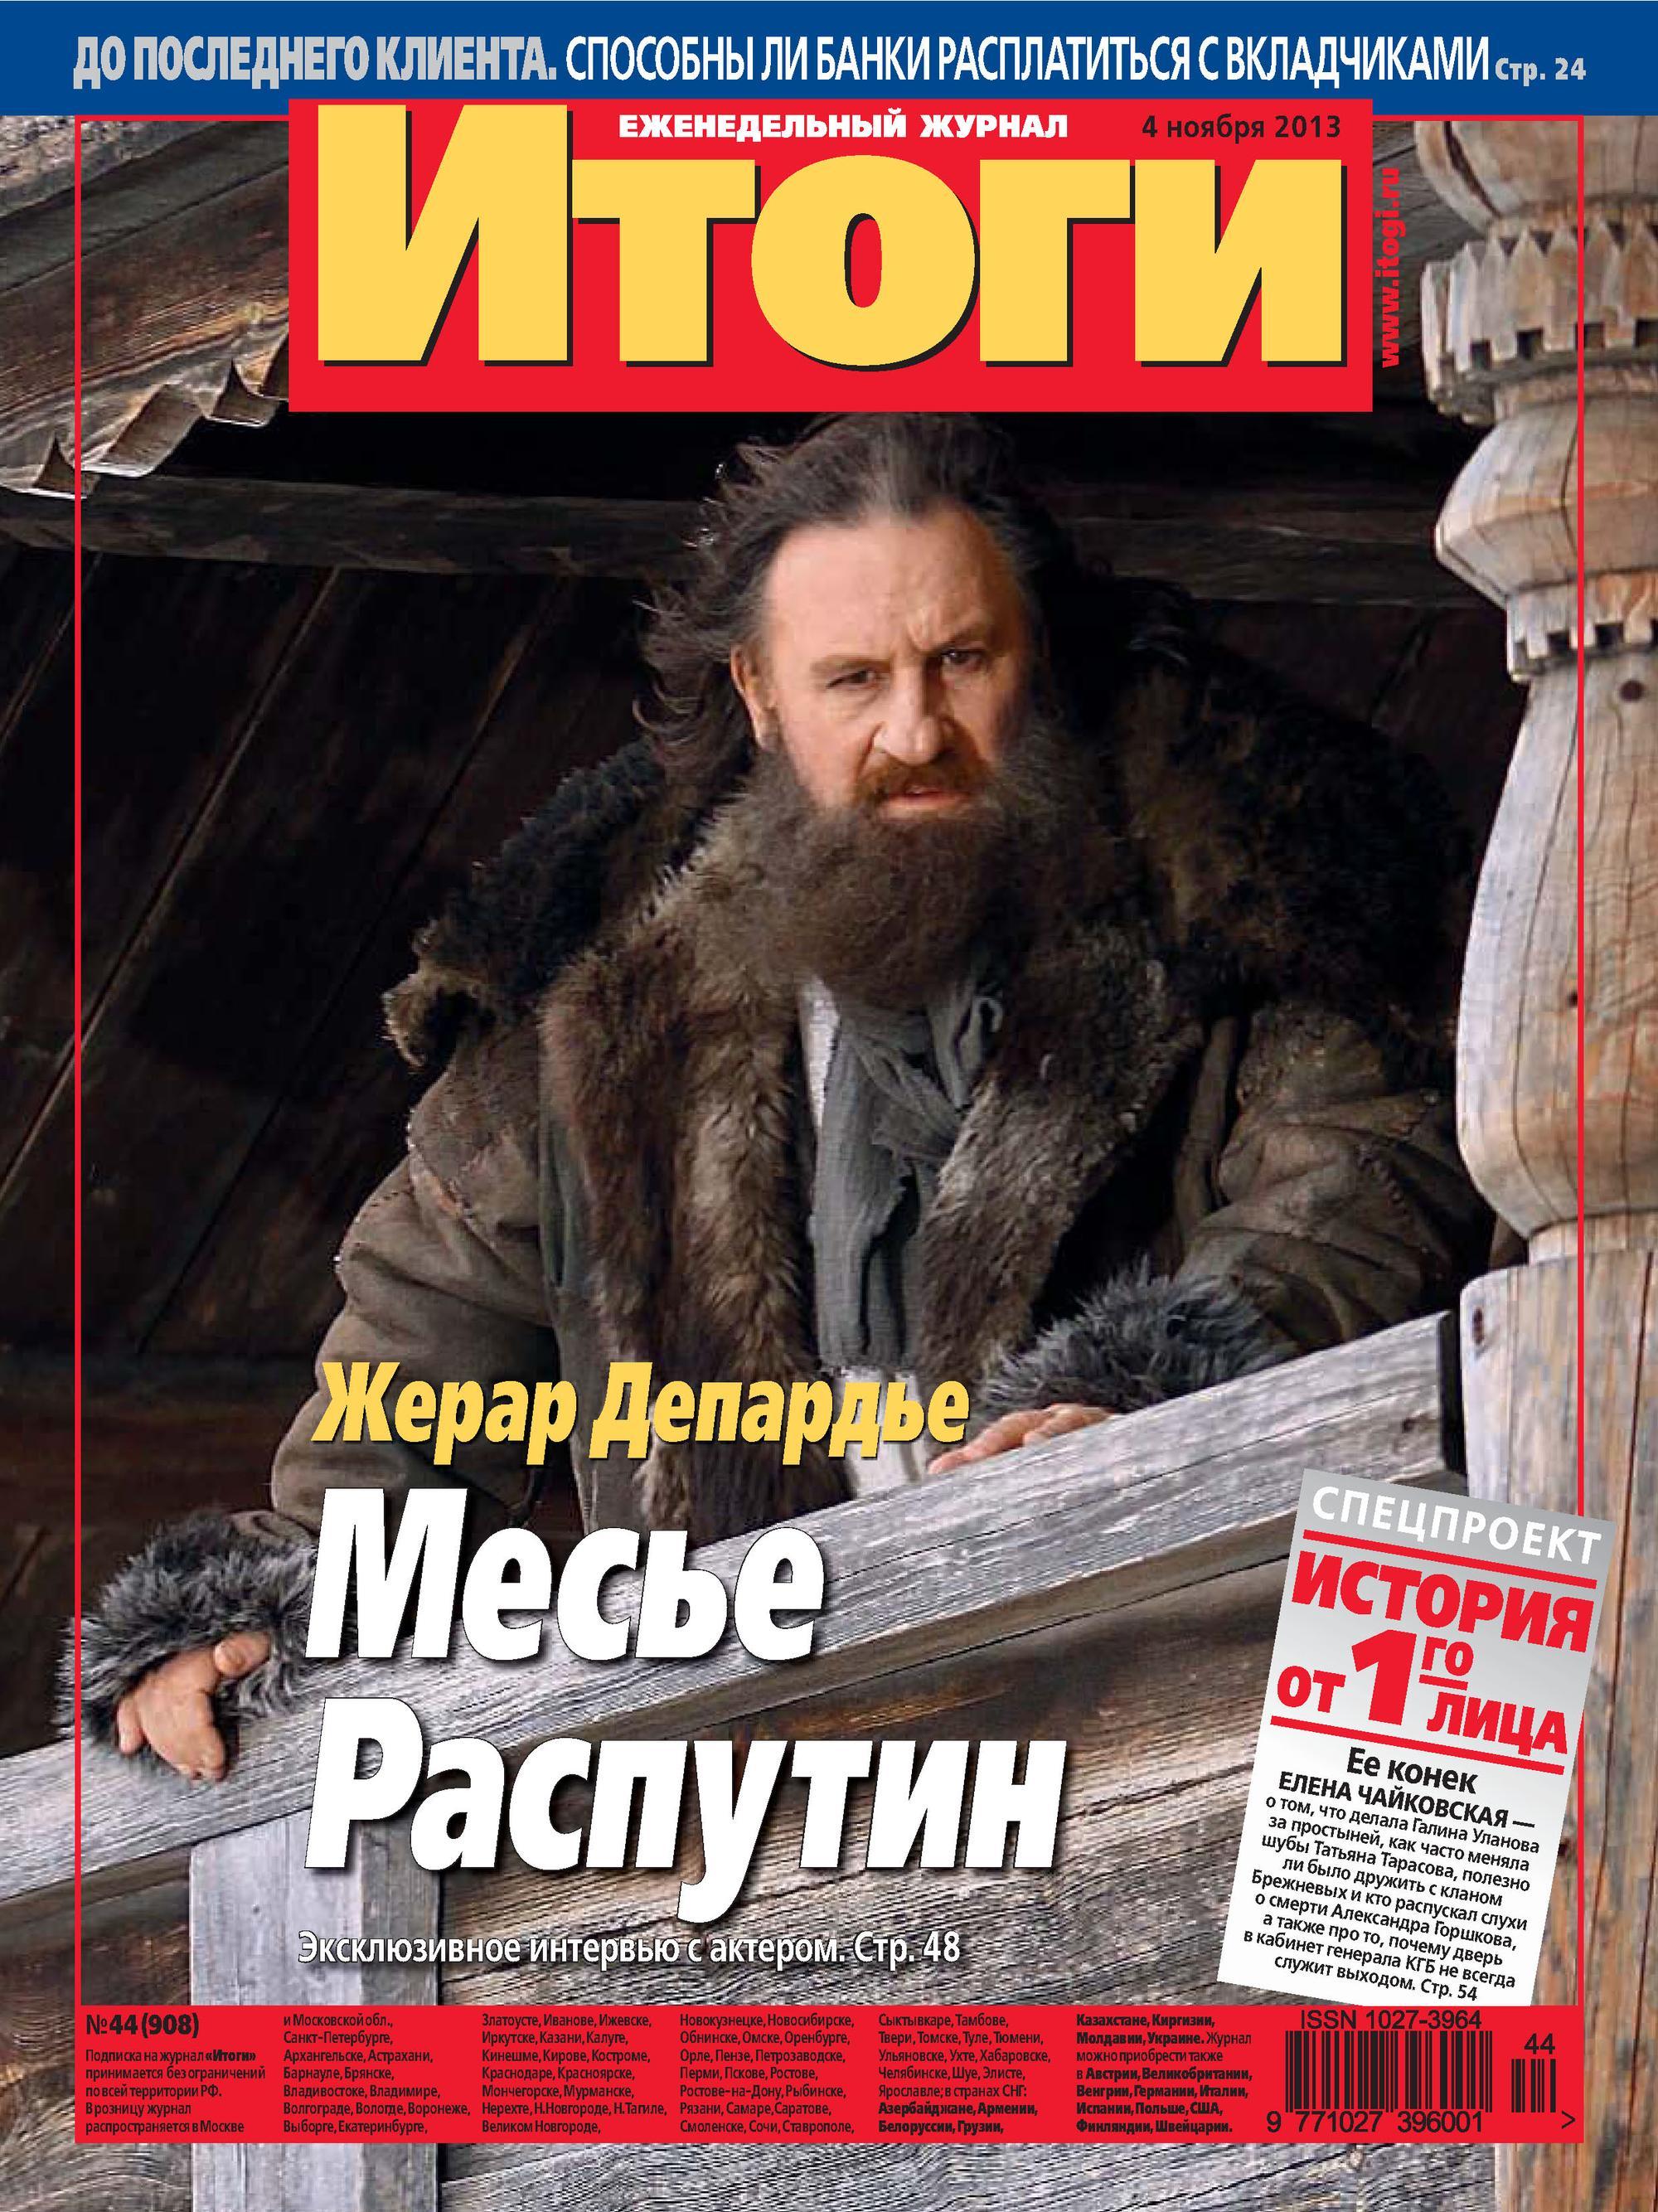 Отсутствует Журнал «Итоги» №44 (908) 2013 отсутствует журнал итоги 32 896 2013